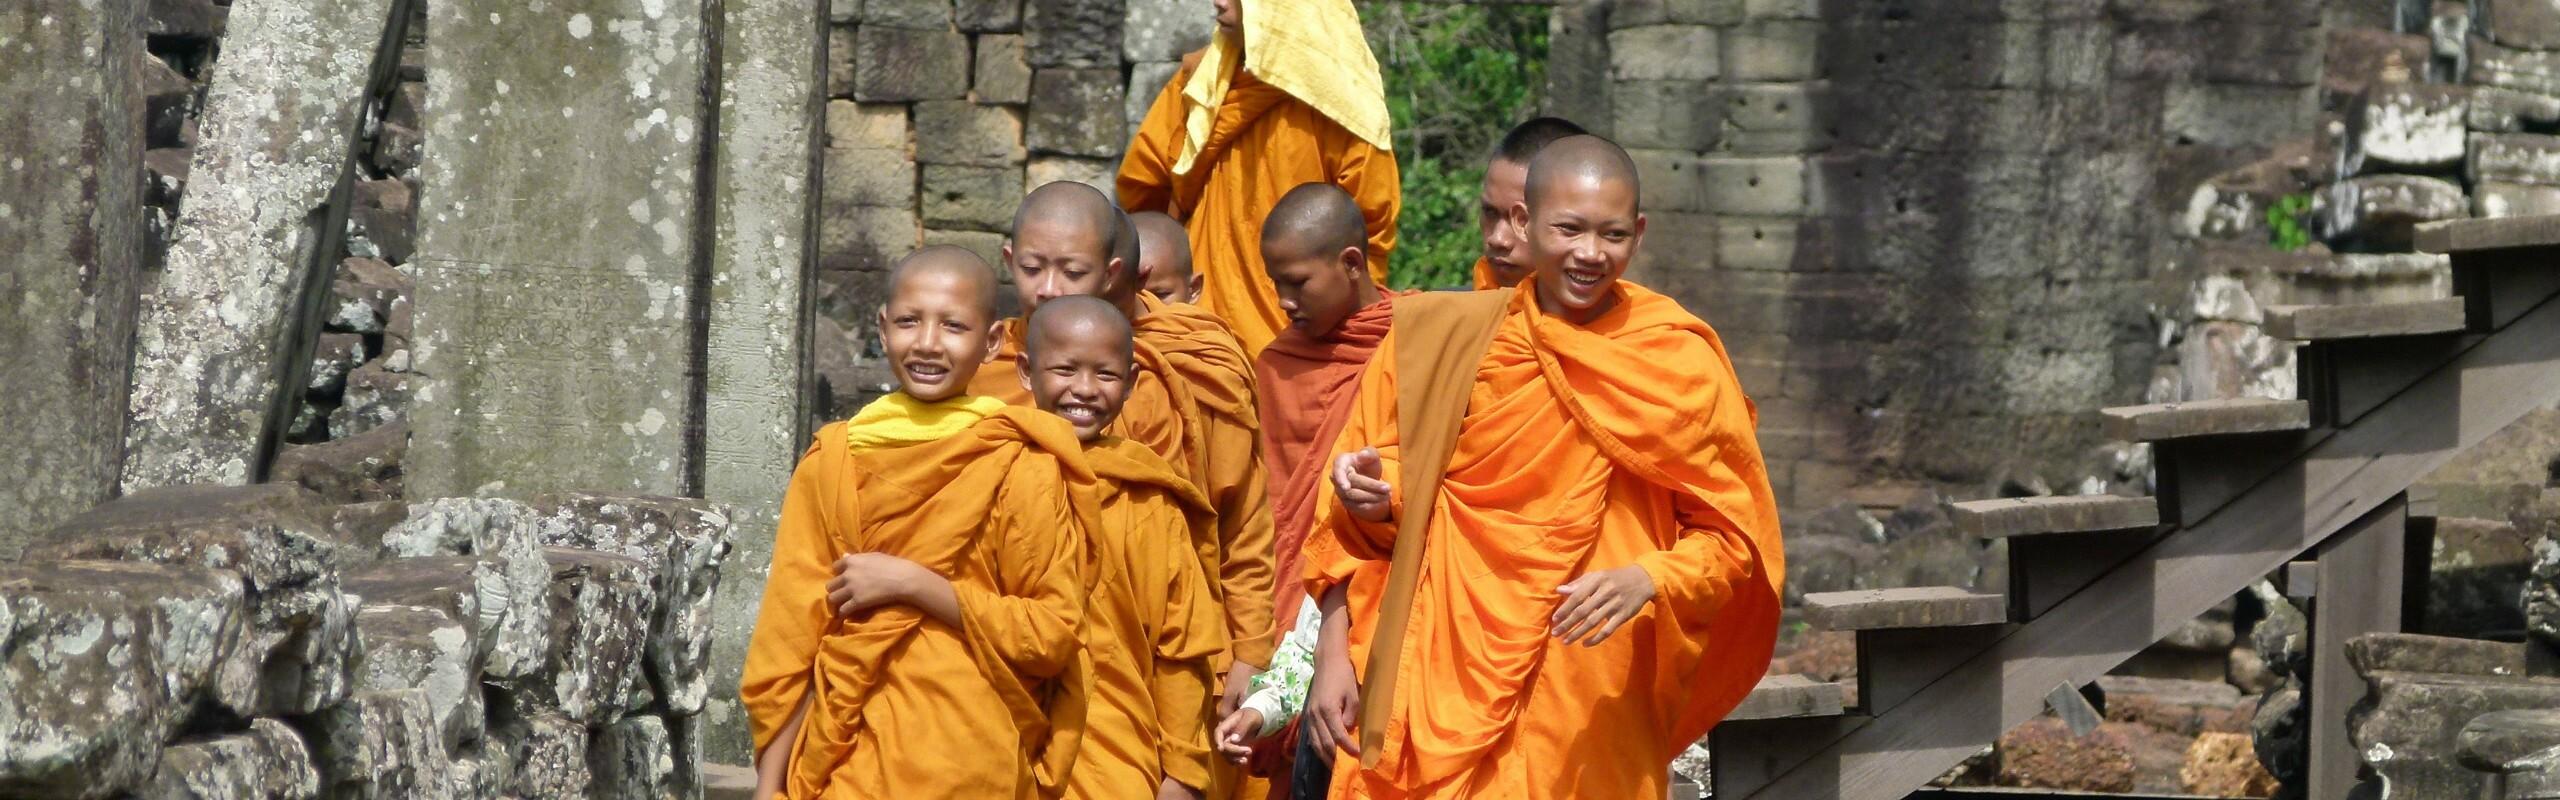 Etiquette in Cambodia